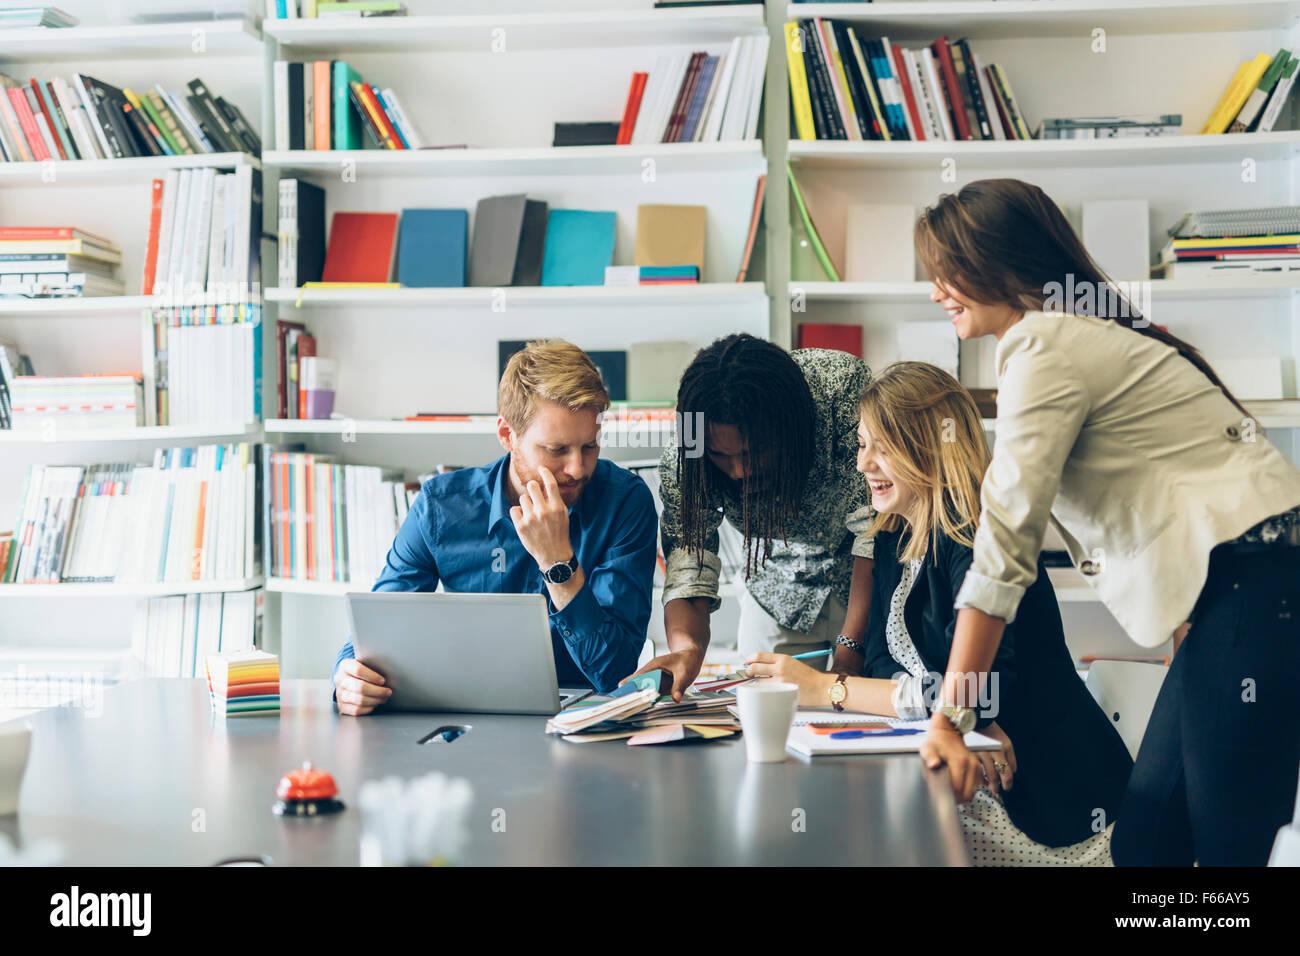 Reunión de intercambio de ideas entre compañeros de trabajo en la oficina Imagen De Stock